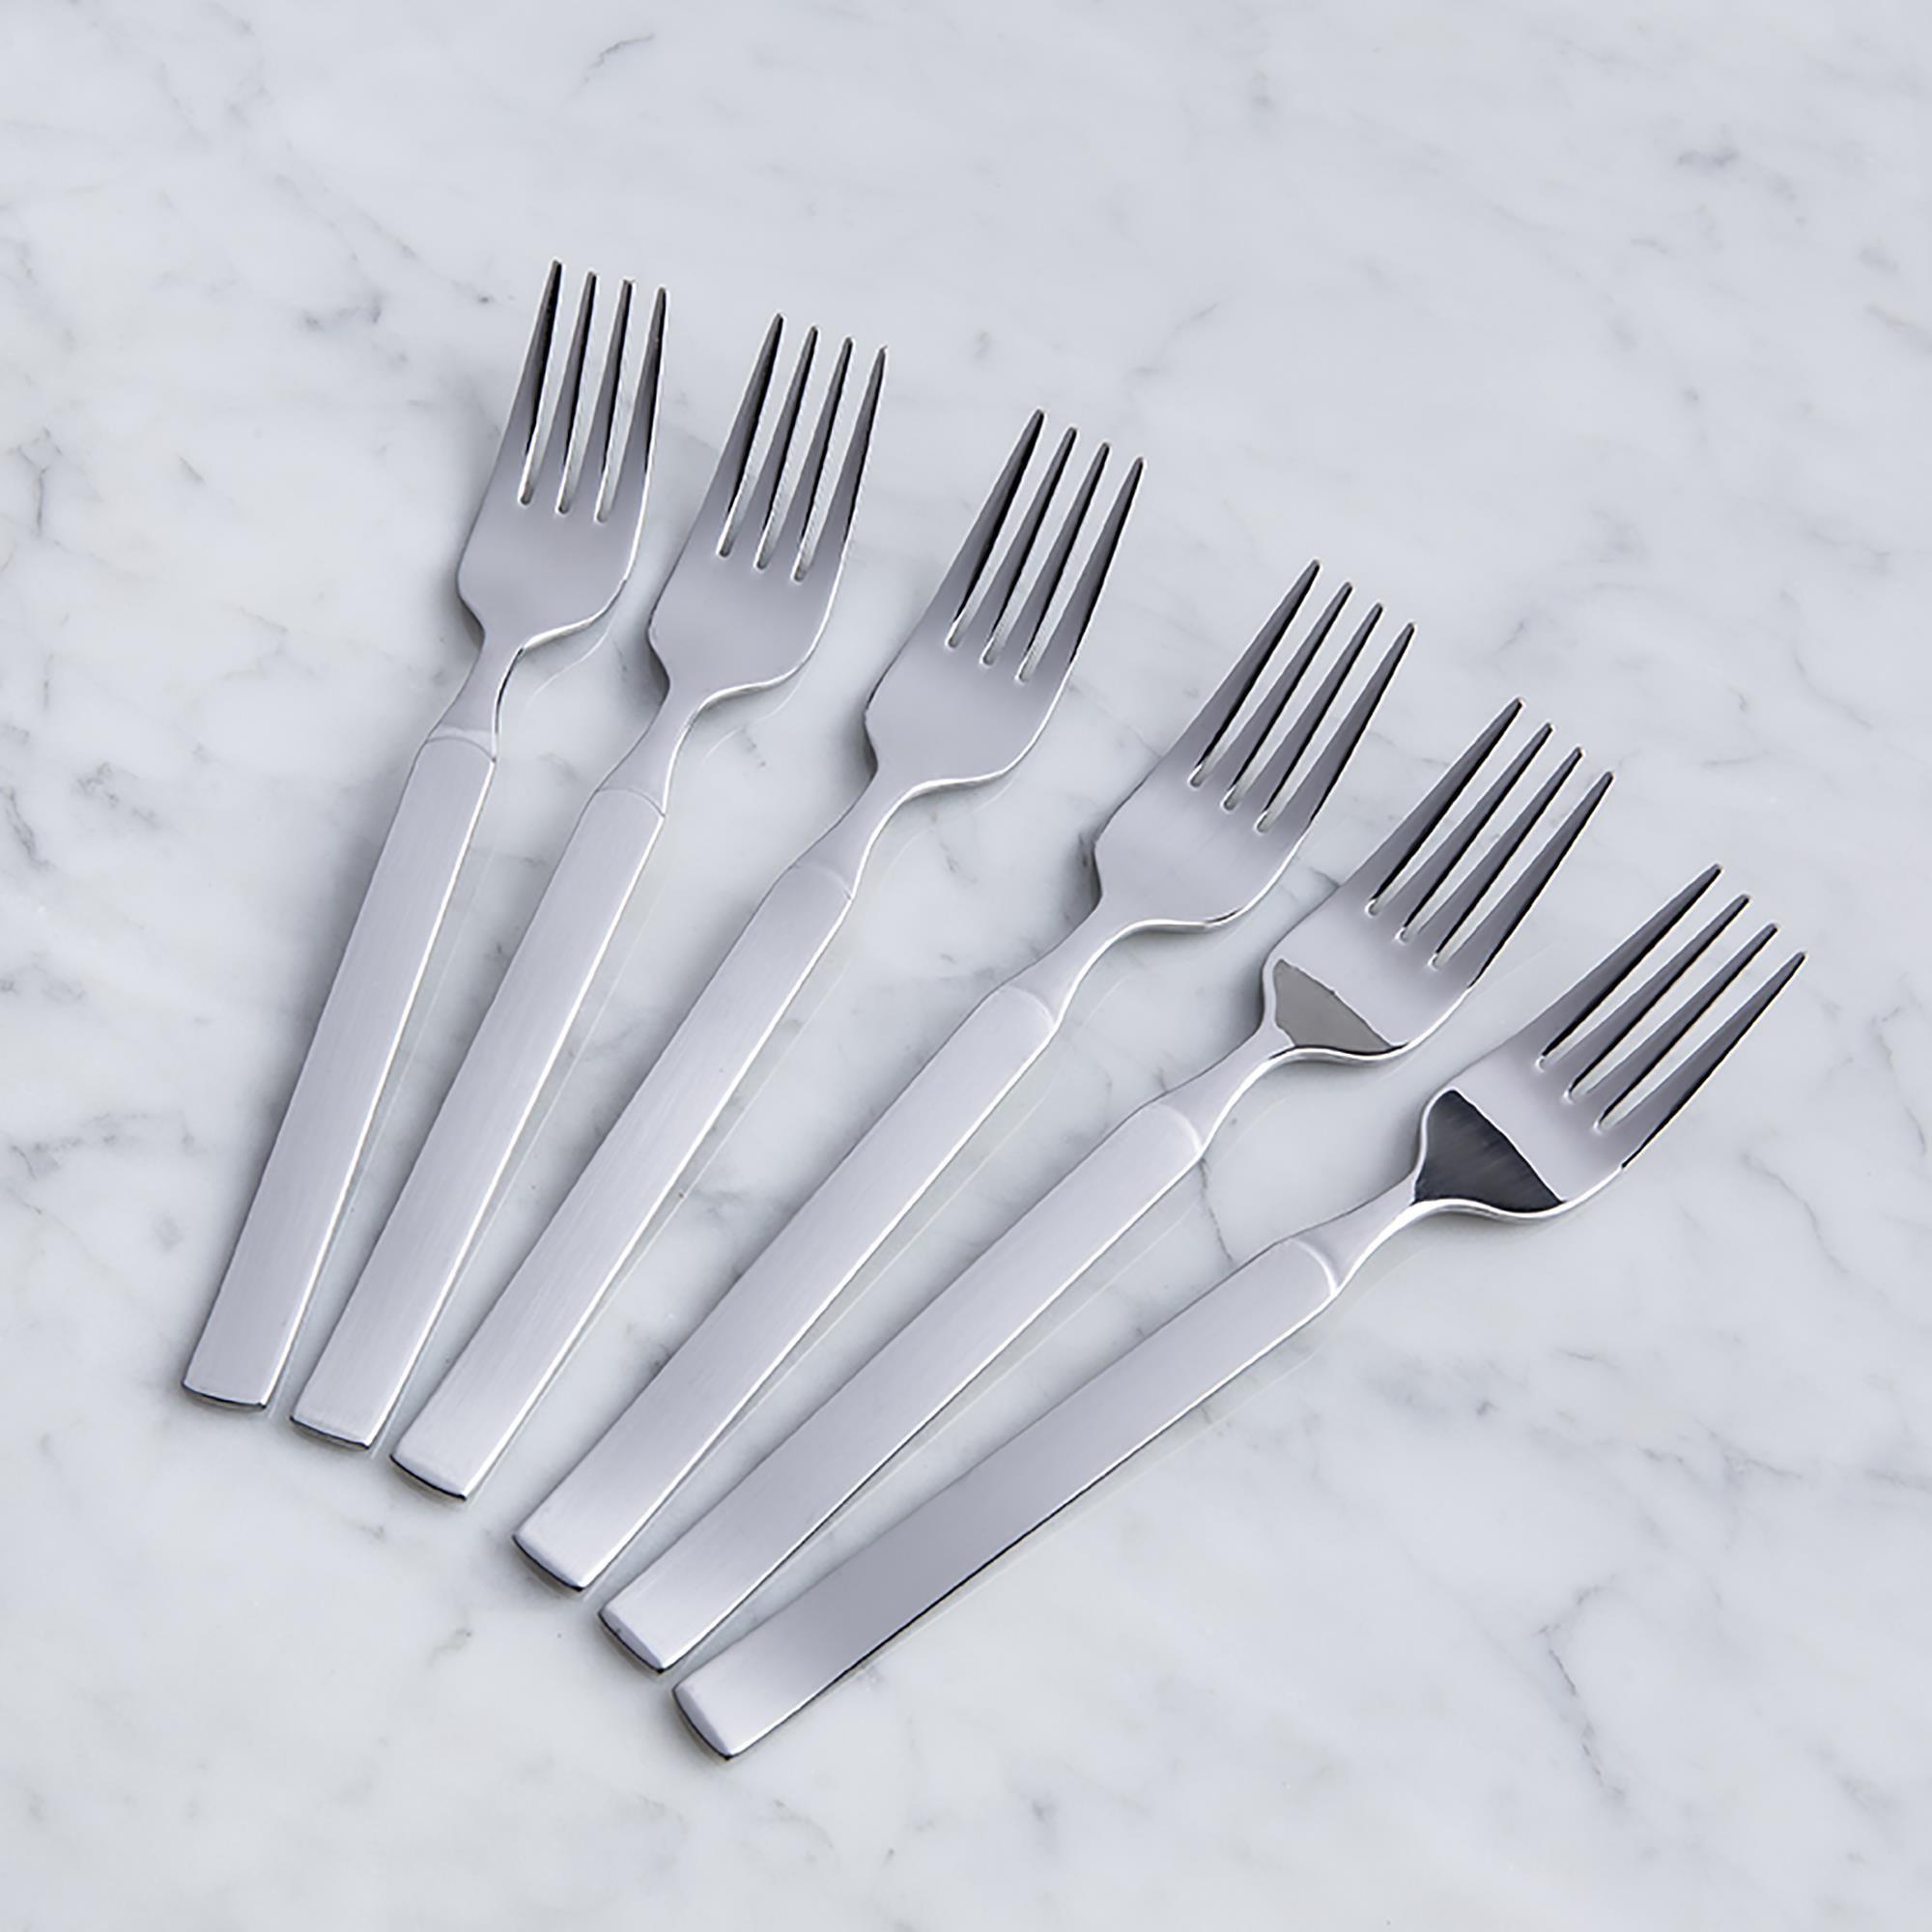 93084_30000_splendide-carded-stainless-steel-openstock-dinner-fork-set-of-6